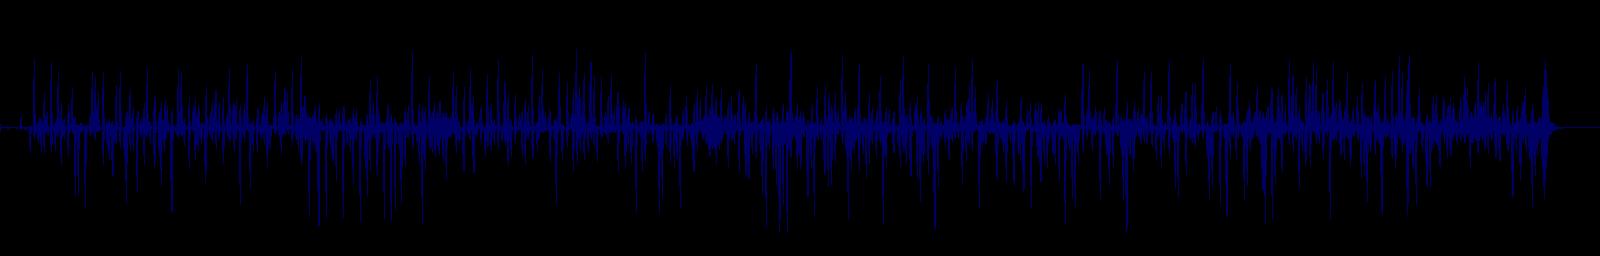 waveform of track #135890